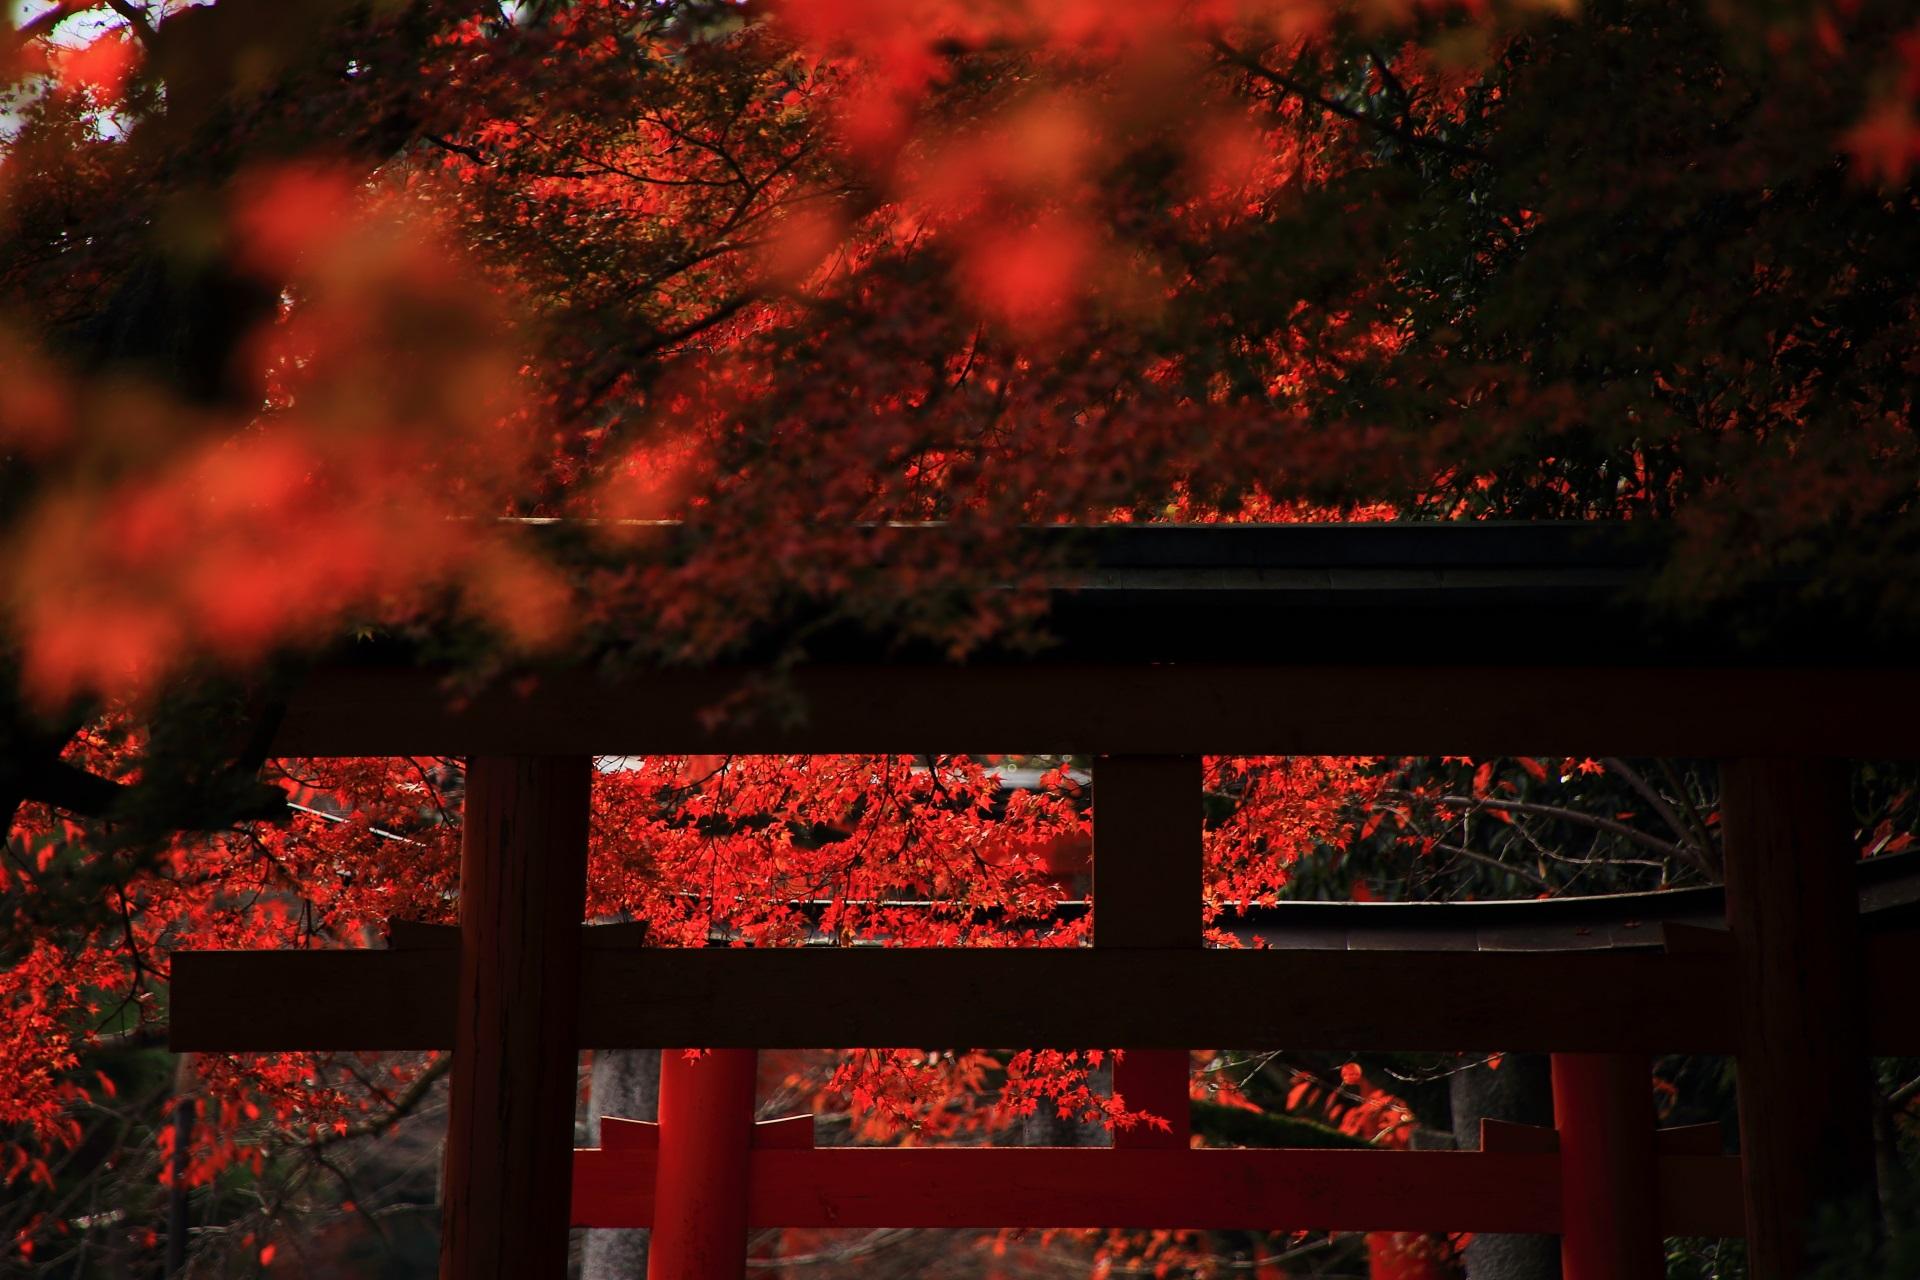 鳥居のシルエットからのぞく輝く真っ赤な紅葉